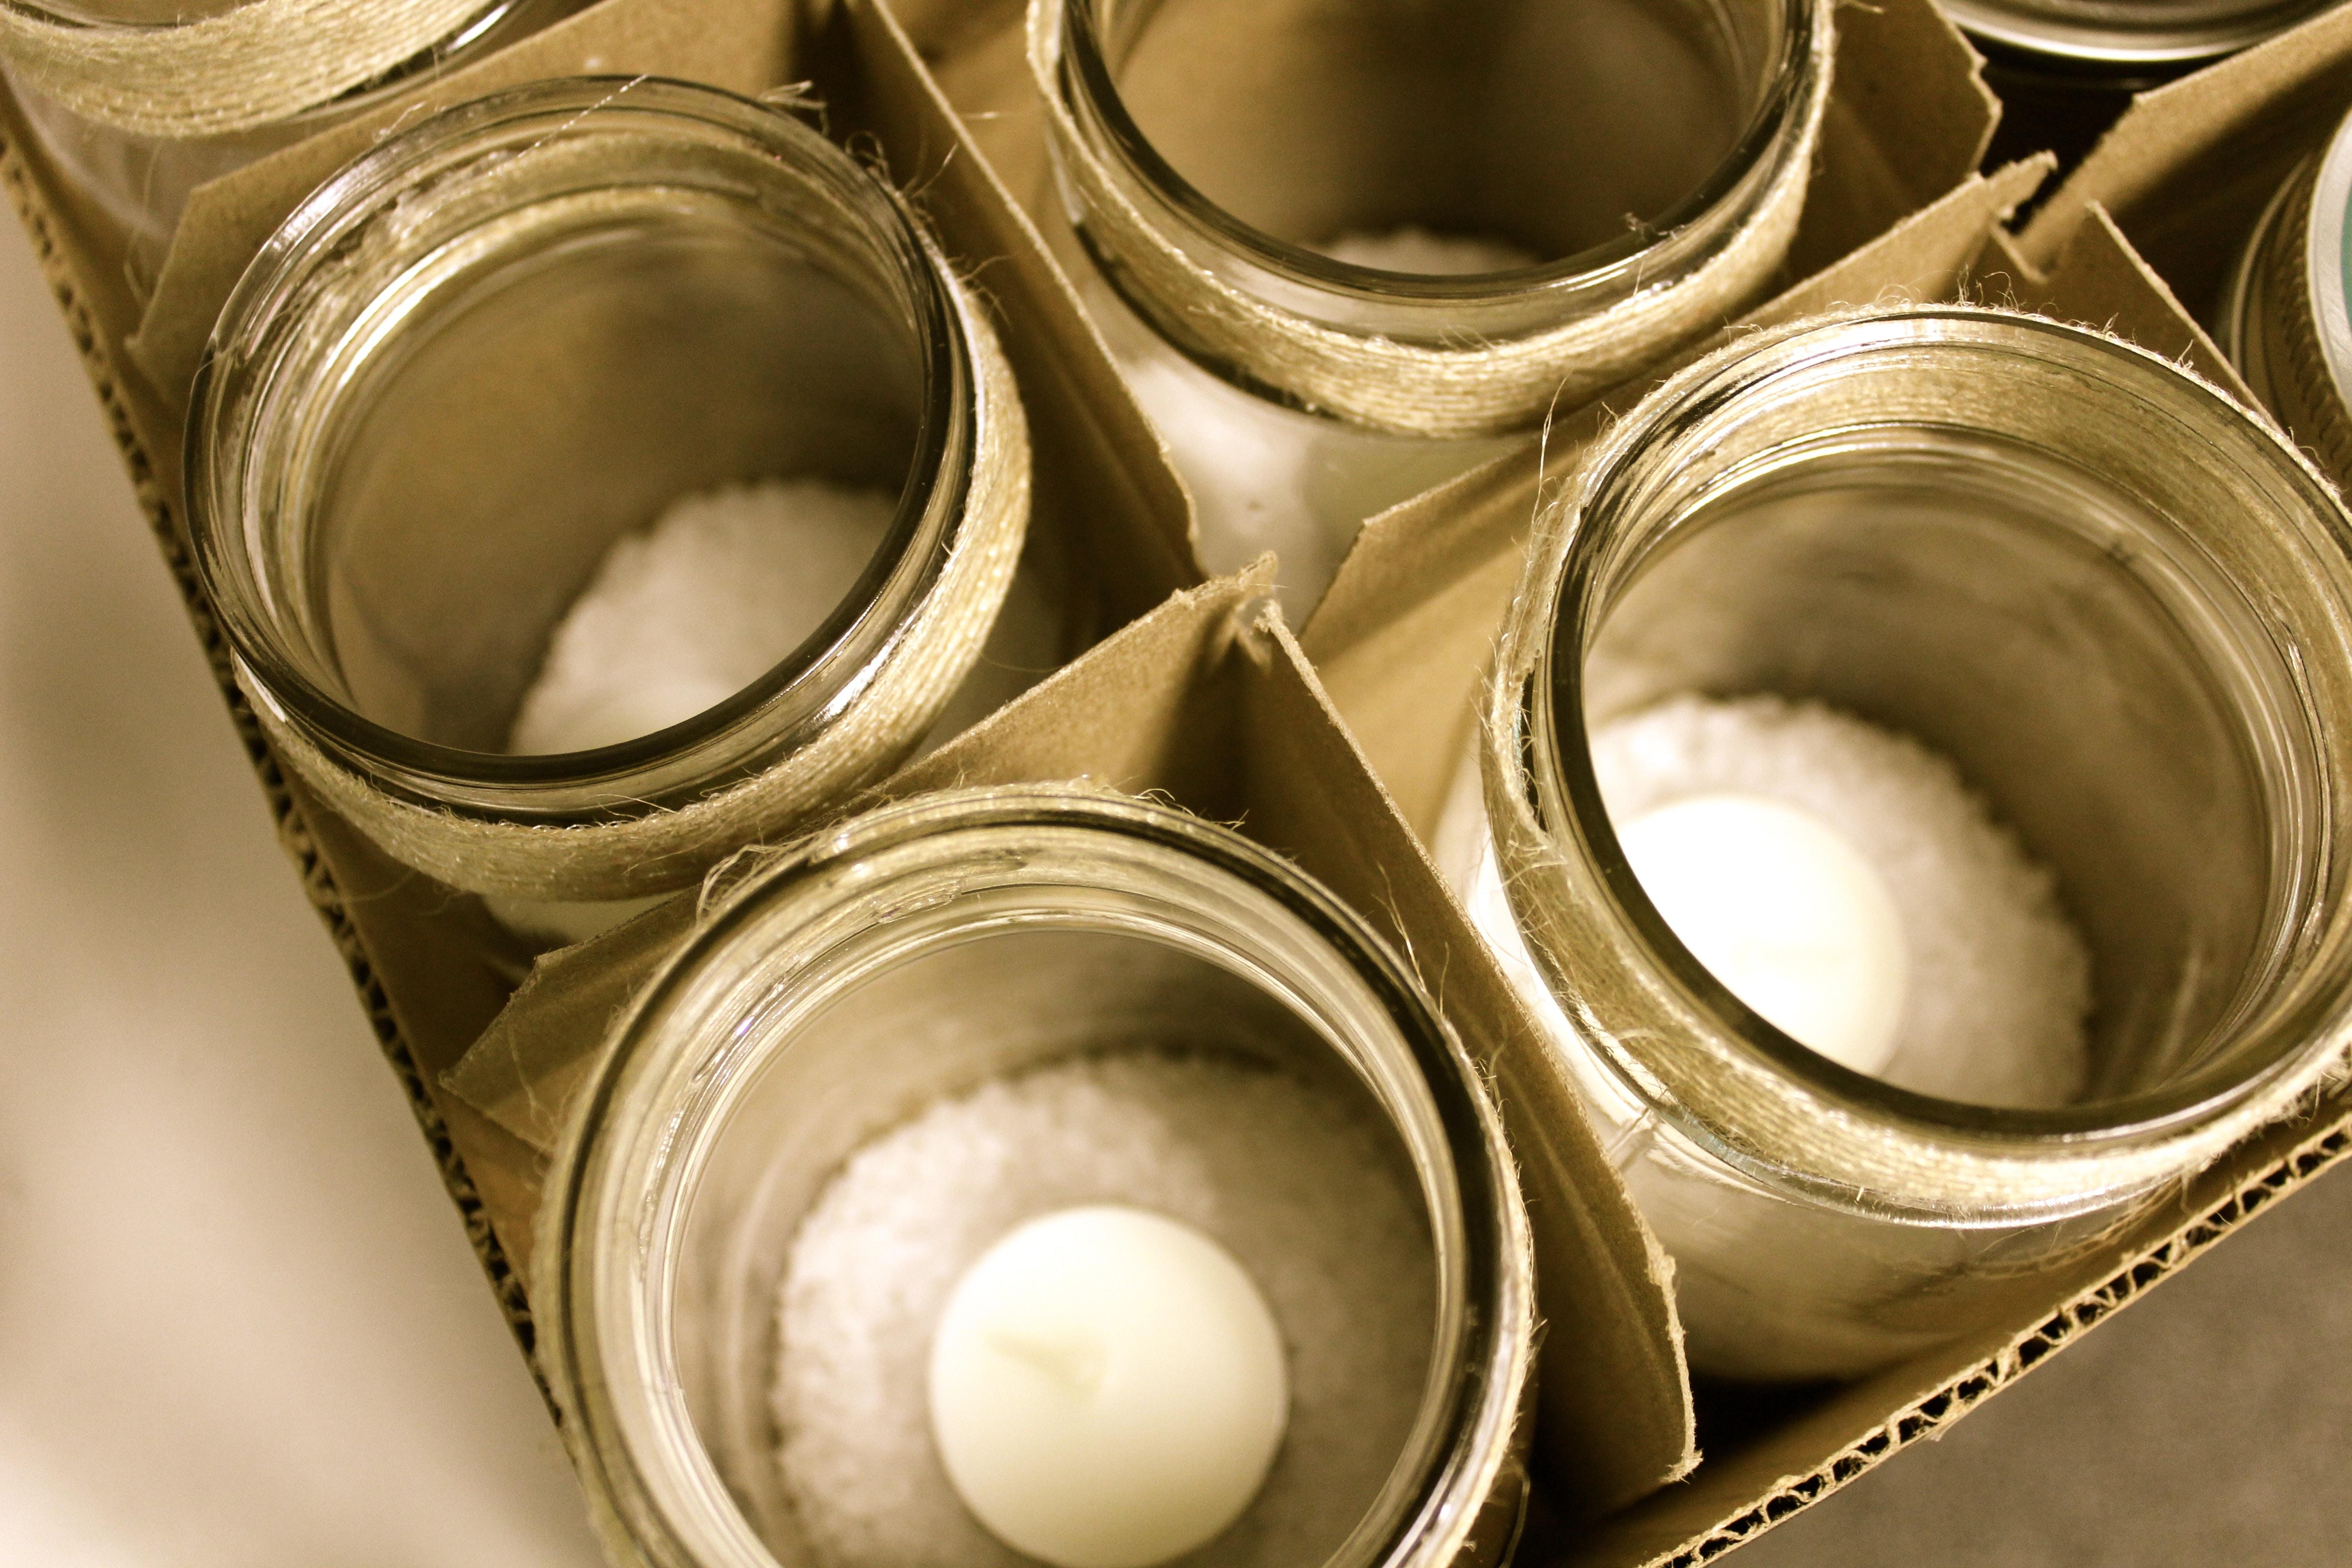 Упаковка изделий из стекла. Особенности транспортировки.